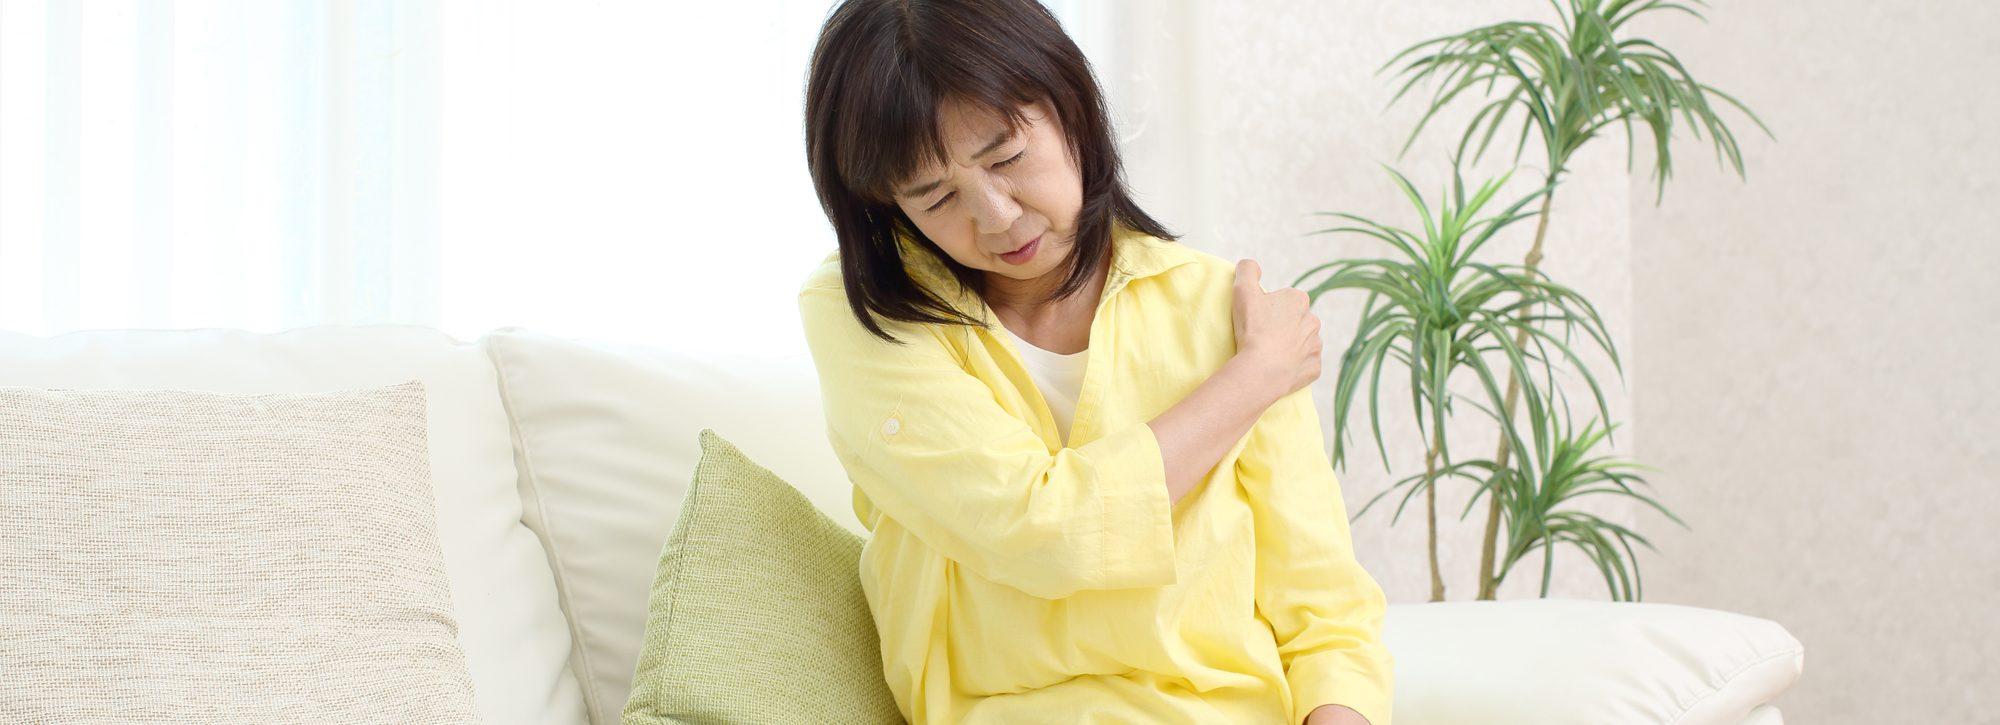 慢性症状|札幌市東区まこと整骨院